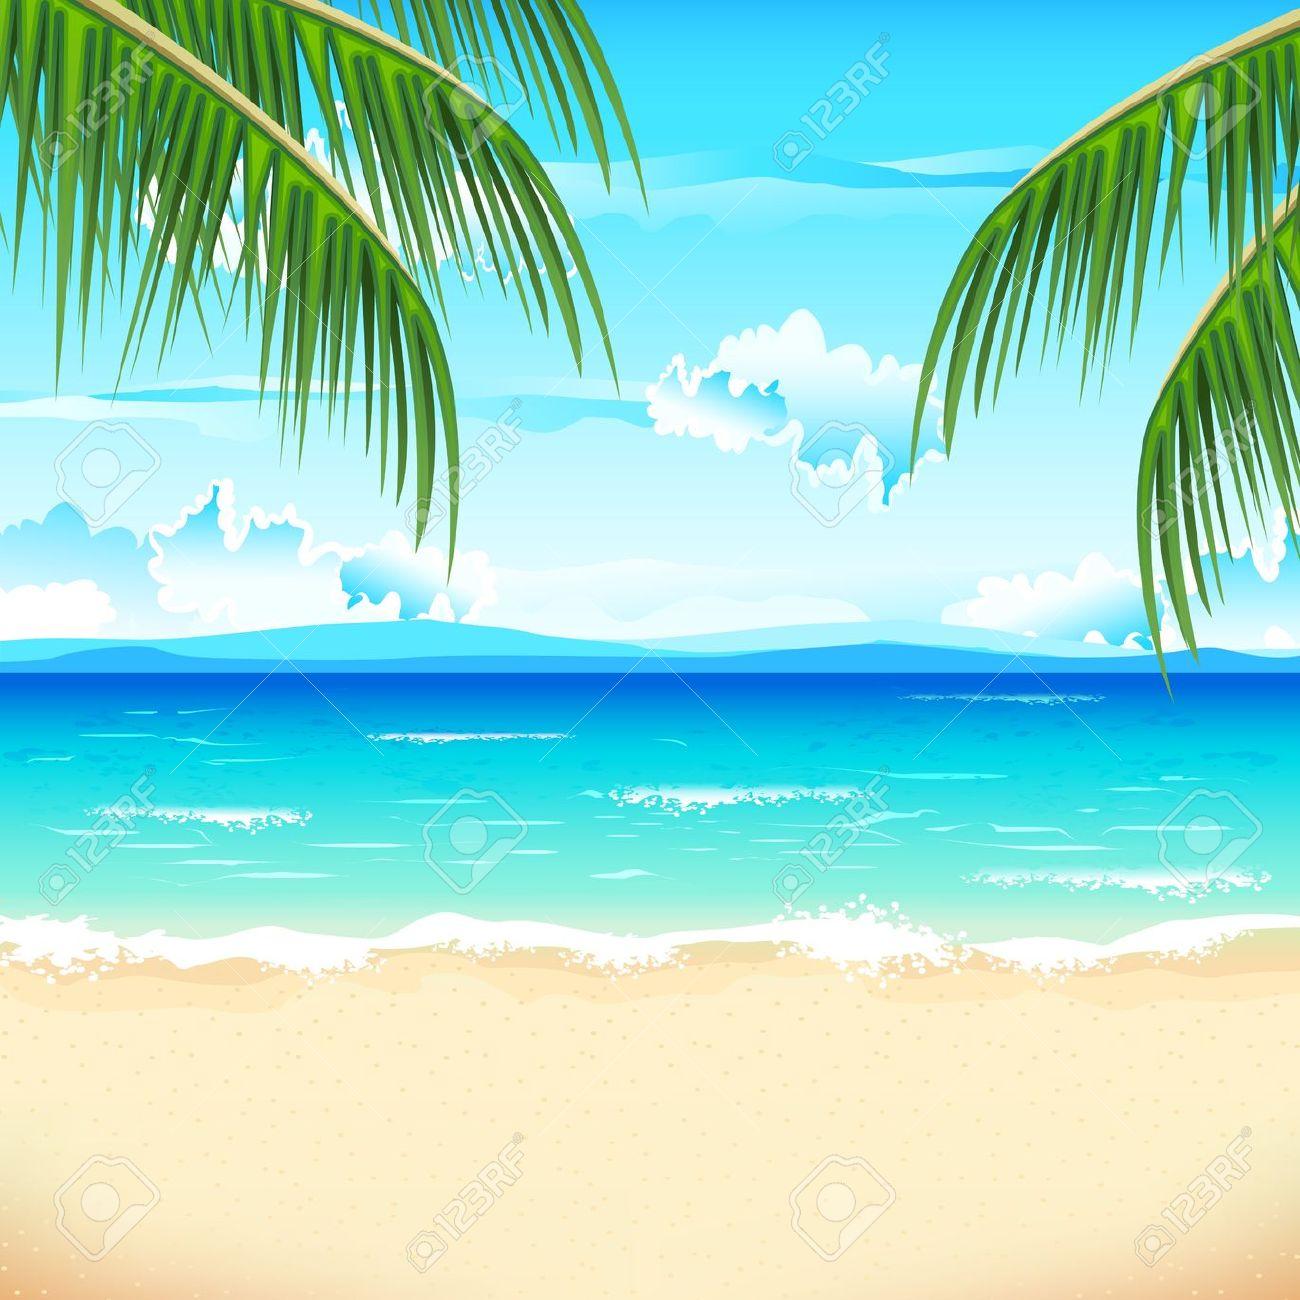 Scenery clipart seaside #7